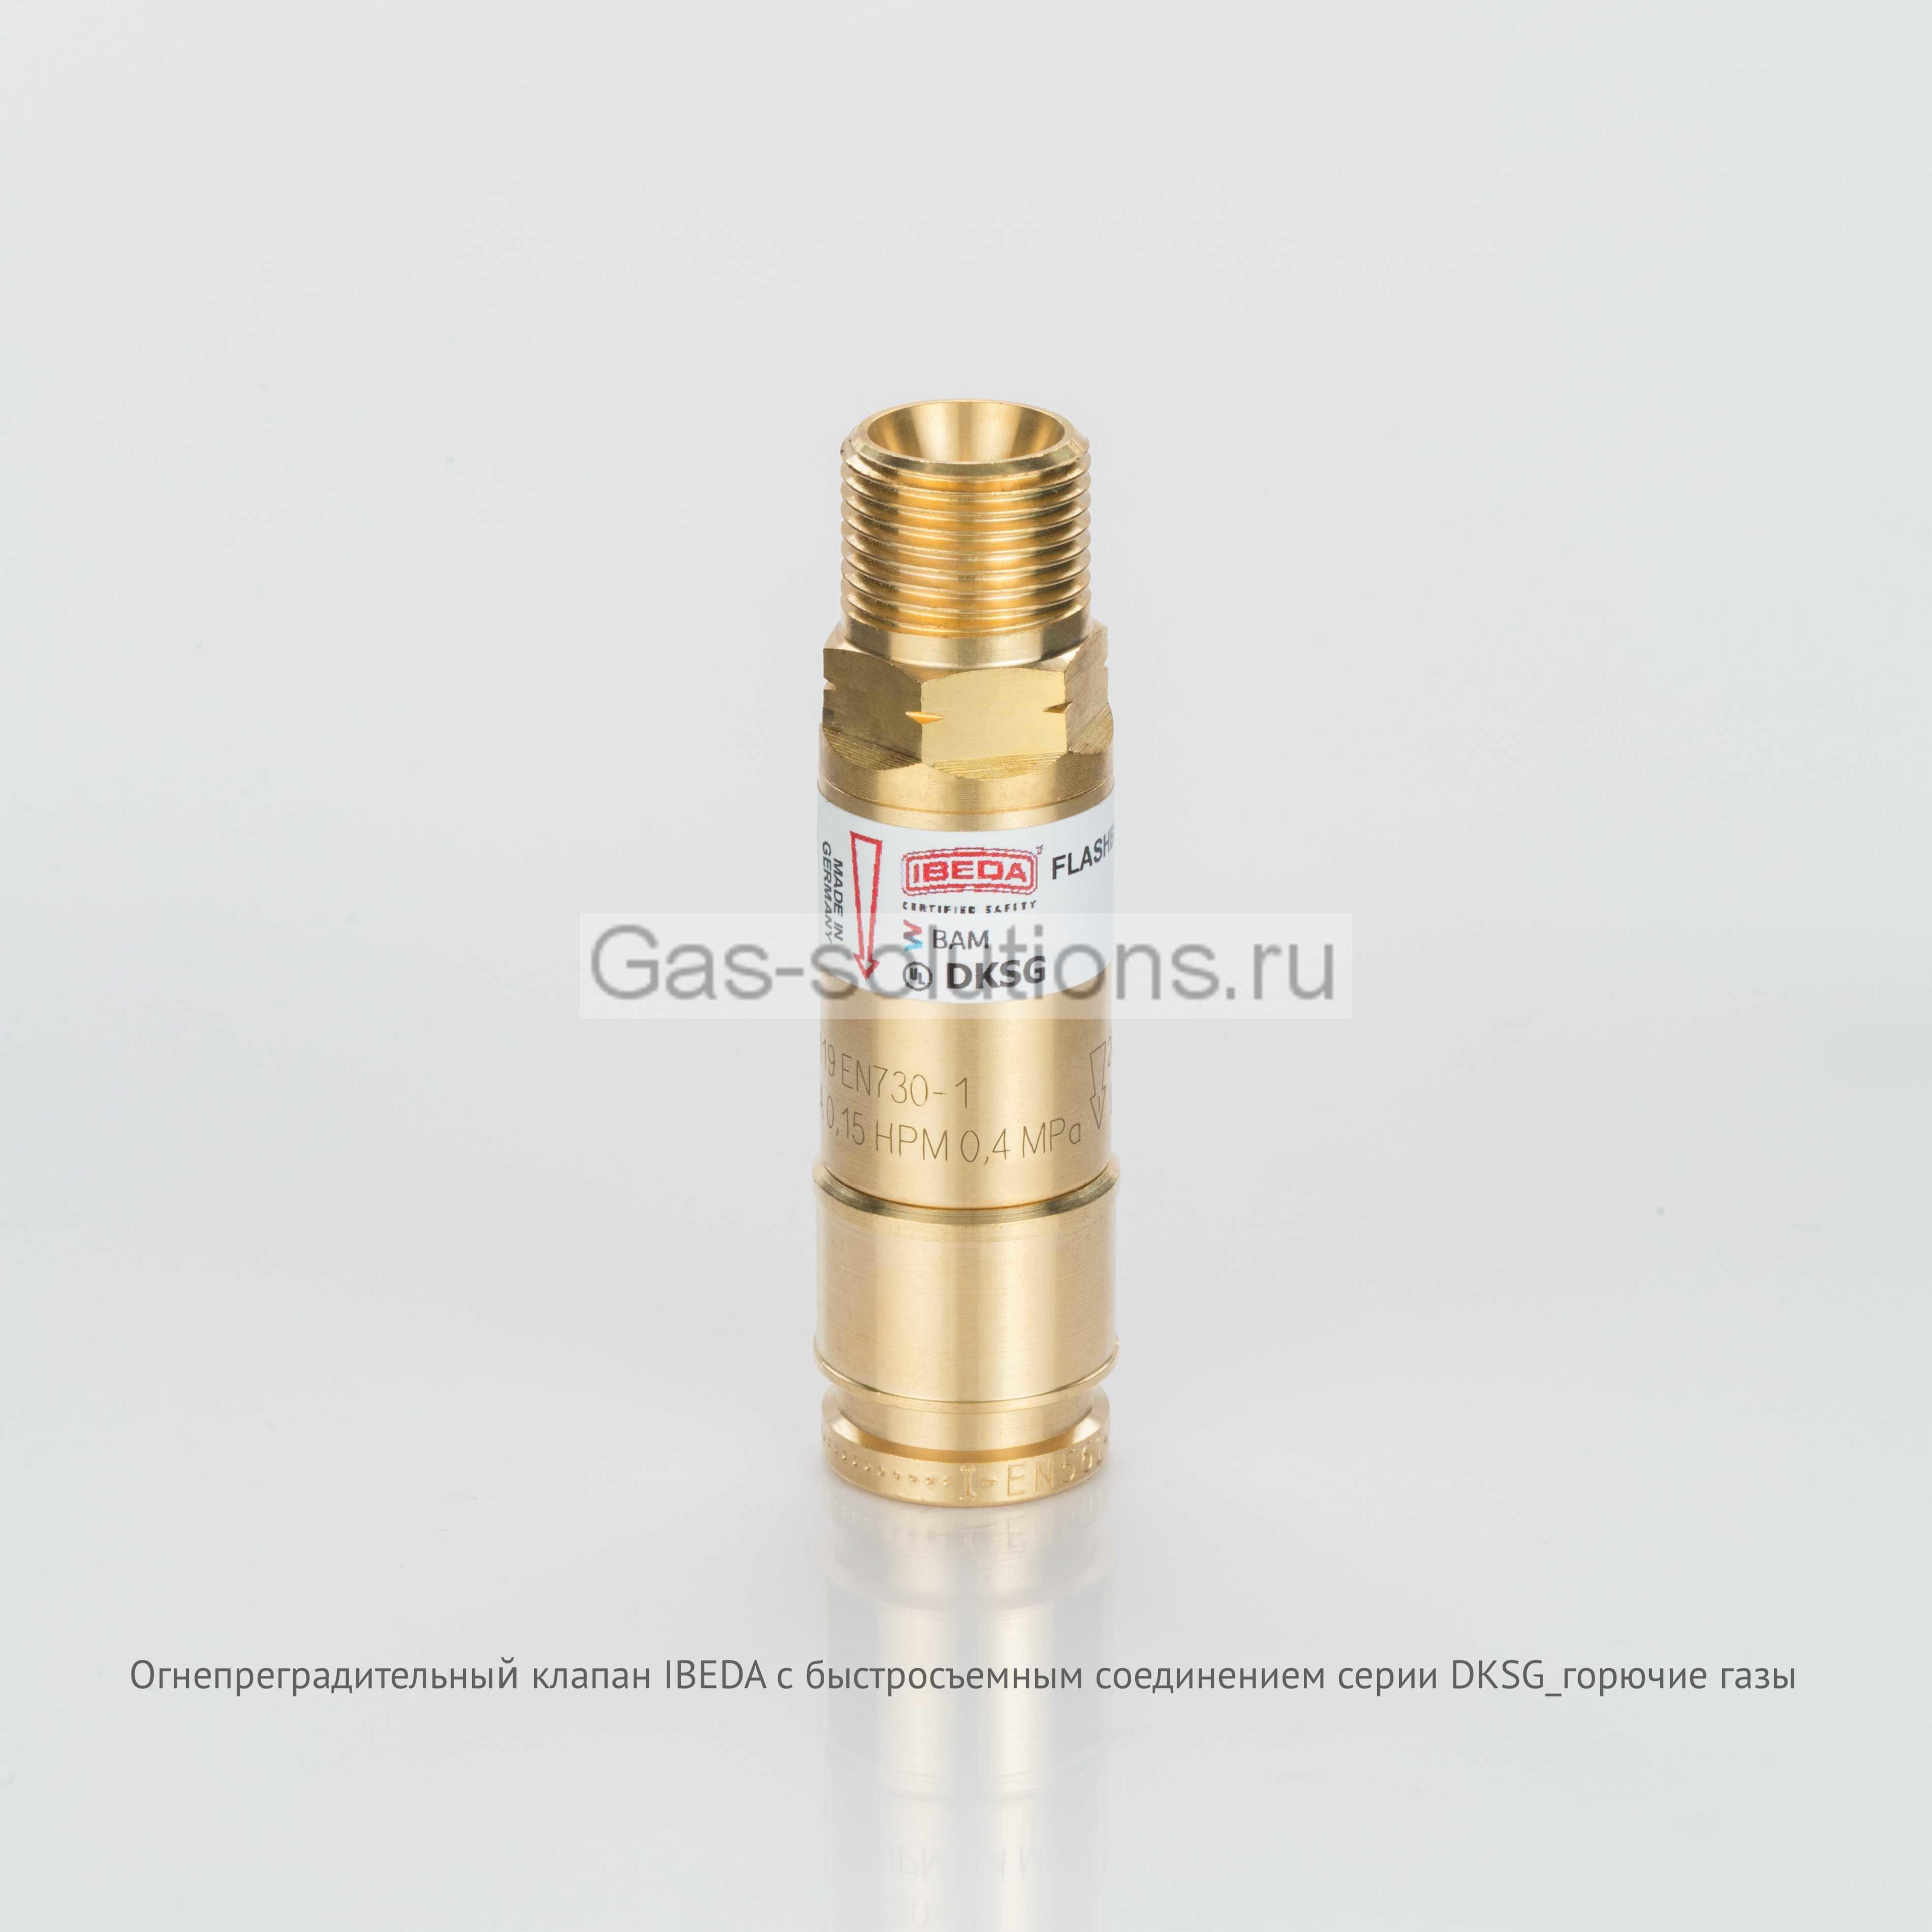 Огнепреградительный клапан IBEDA с быстросъемным соединением серии DKSG_горючие газы